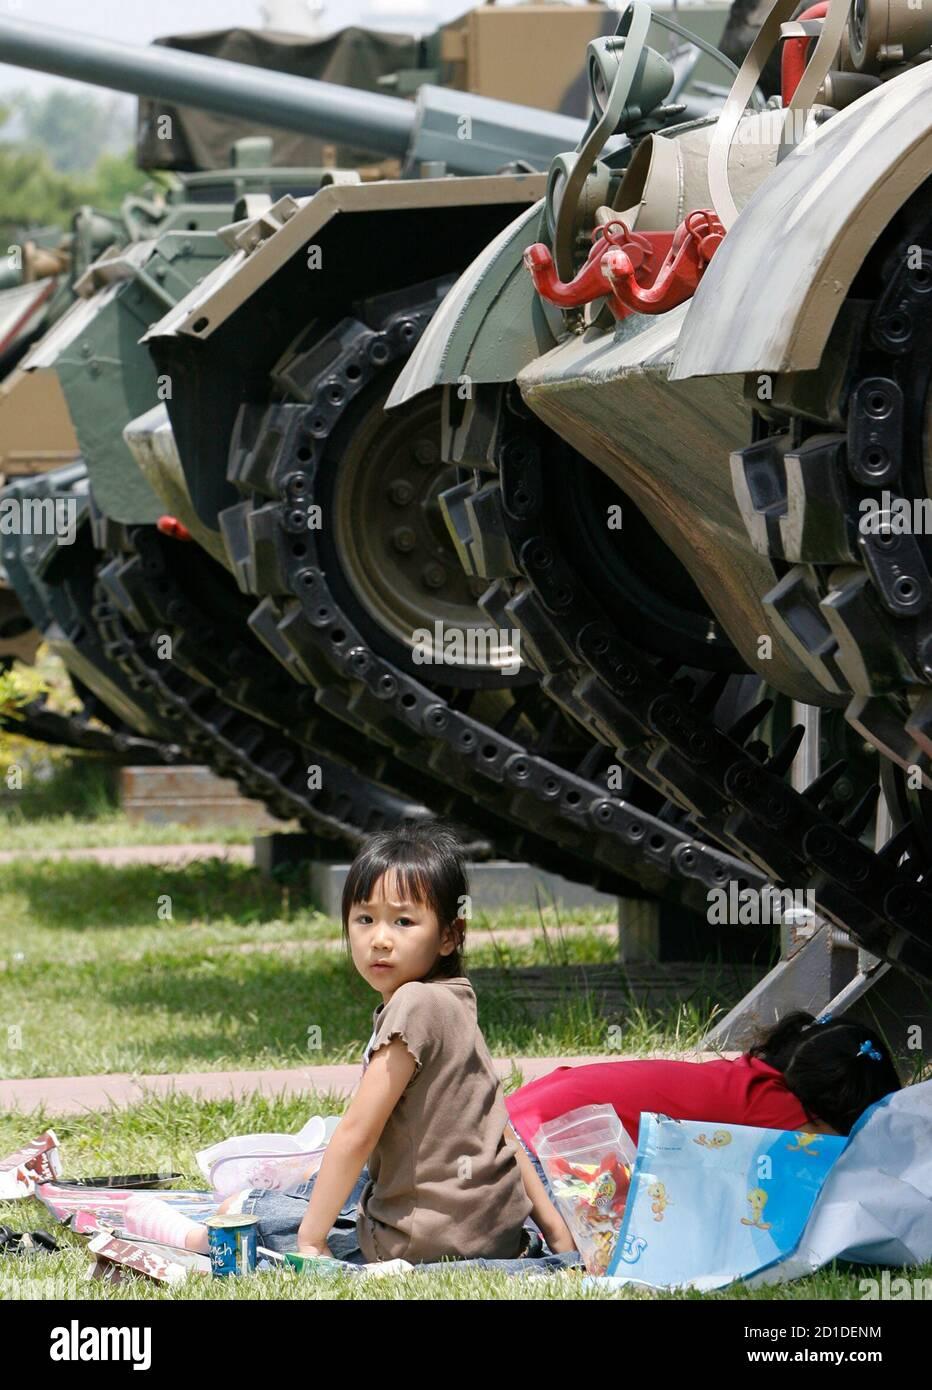 Un niño se sienta junto a un tanque utilizado durante la Guerra de Corea, en el museo de la Guerra de Corea en Seúl el día de los Caídos el 6 de junio de 2007. Corea del Sur y Corea del Norte siguen estando técnicamente en guerra, porque su conflicto de 1950-53 terminó en una tregua armada que nunca se ha convertido en un tratado de paz. REUTERS/Jo Yong-Hak (COREA DEL SUR) Foto de stock